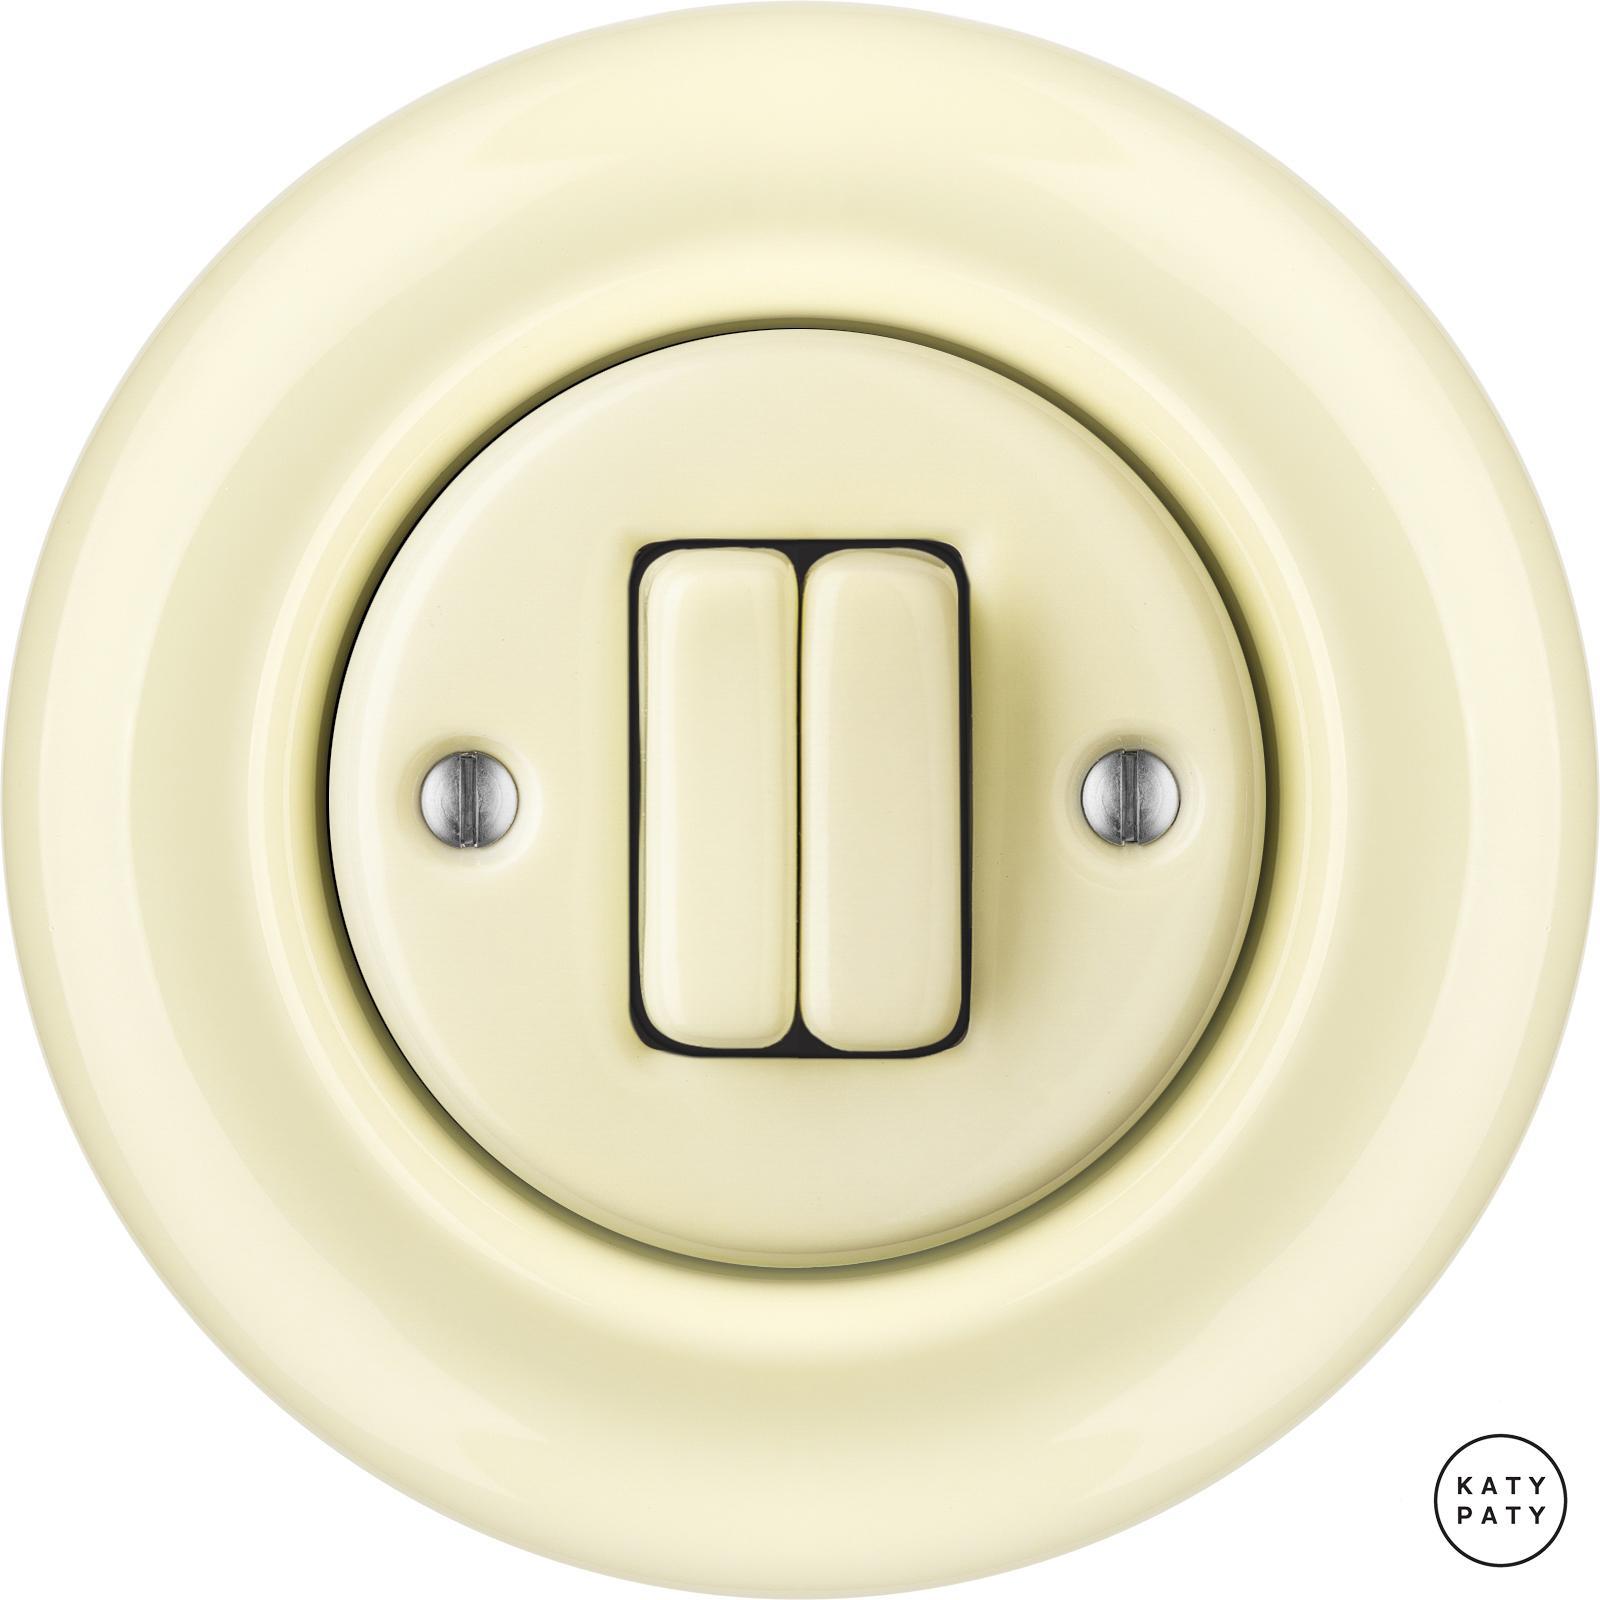 Ziemlich 2 Wege Lichtschalterschaltung Galerie - Elektrische ...